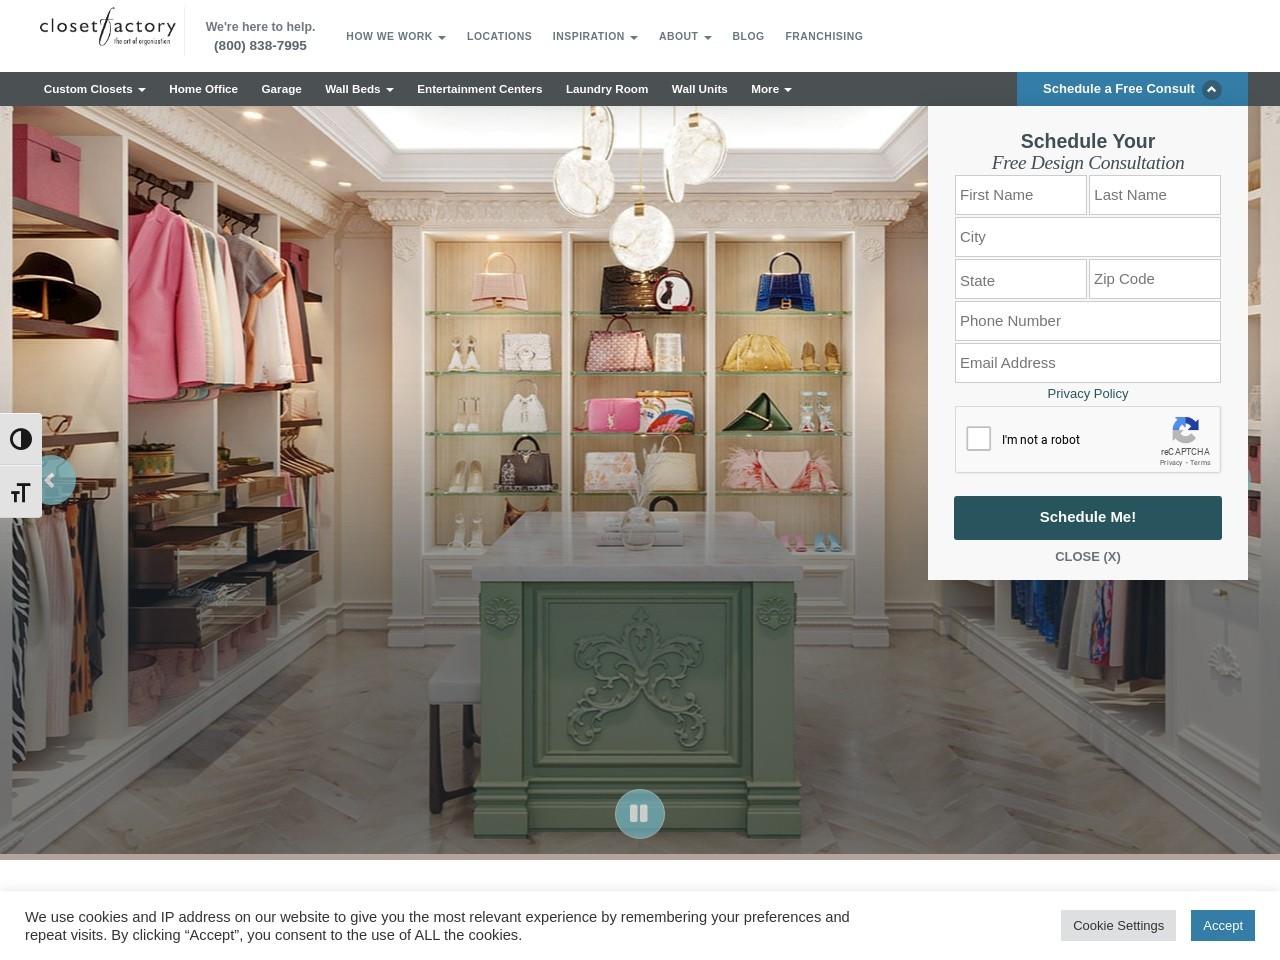 Merveilleux Http://www.closetfactory.com